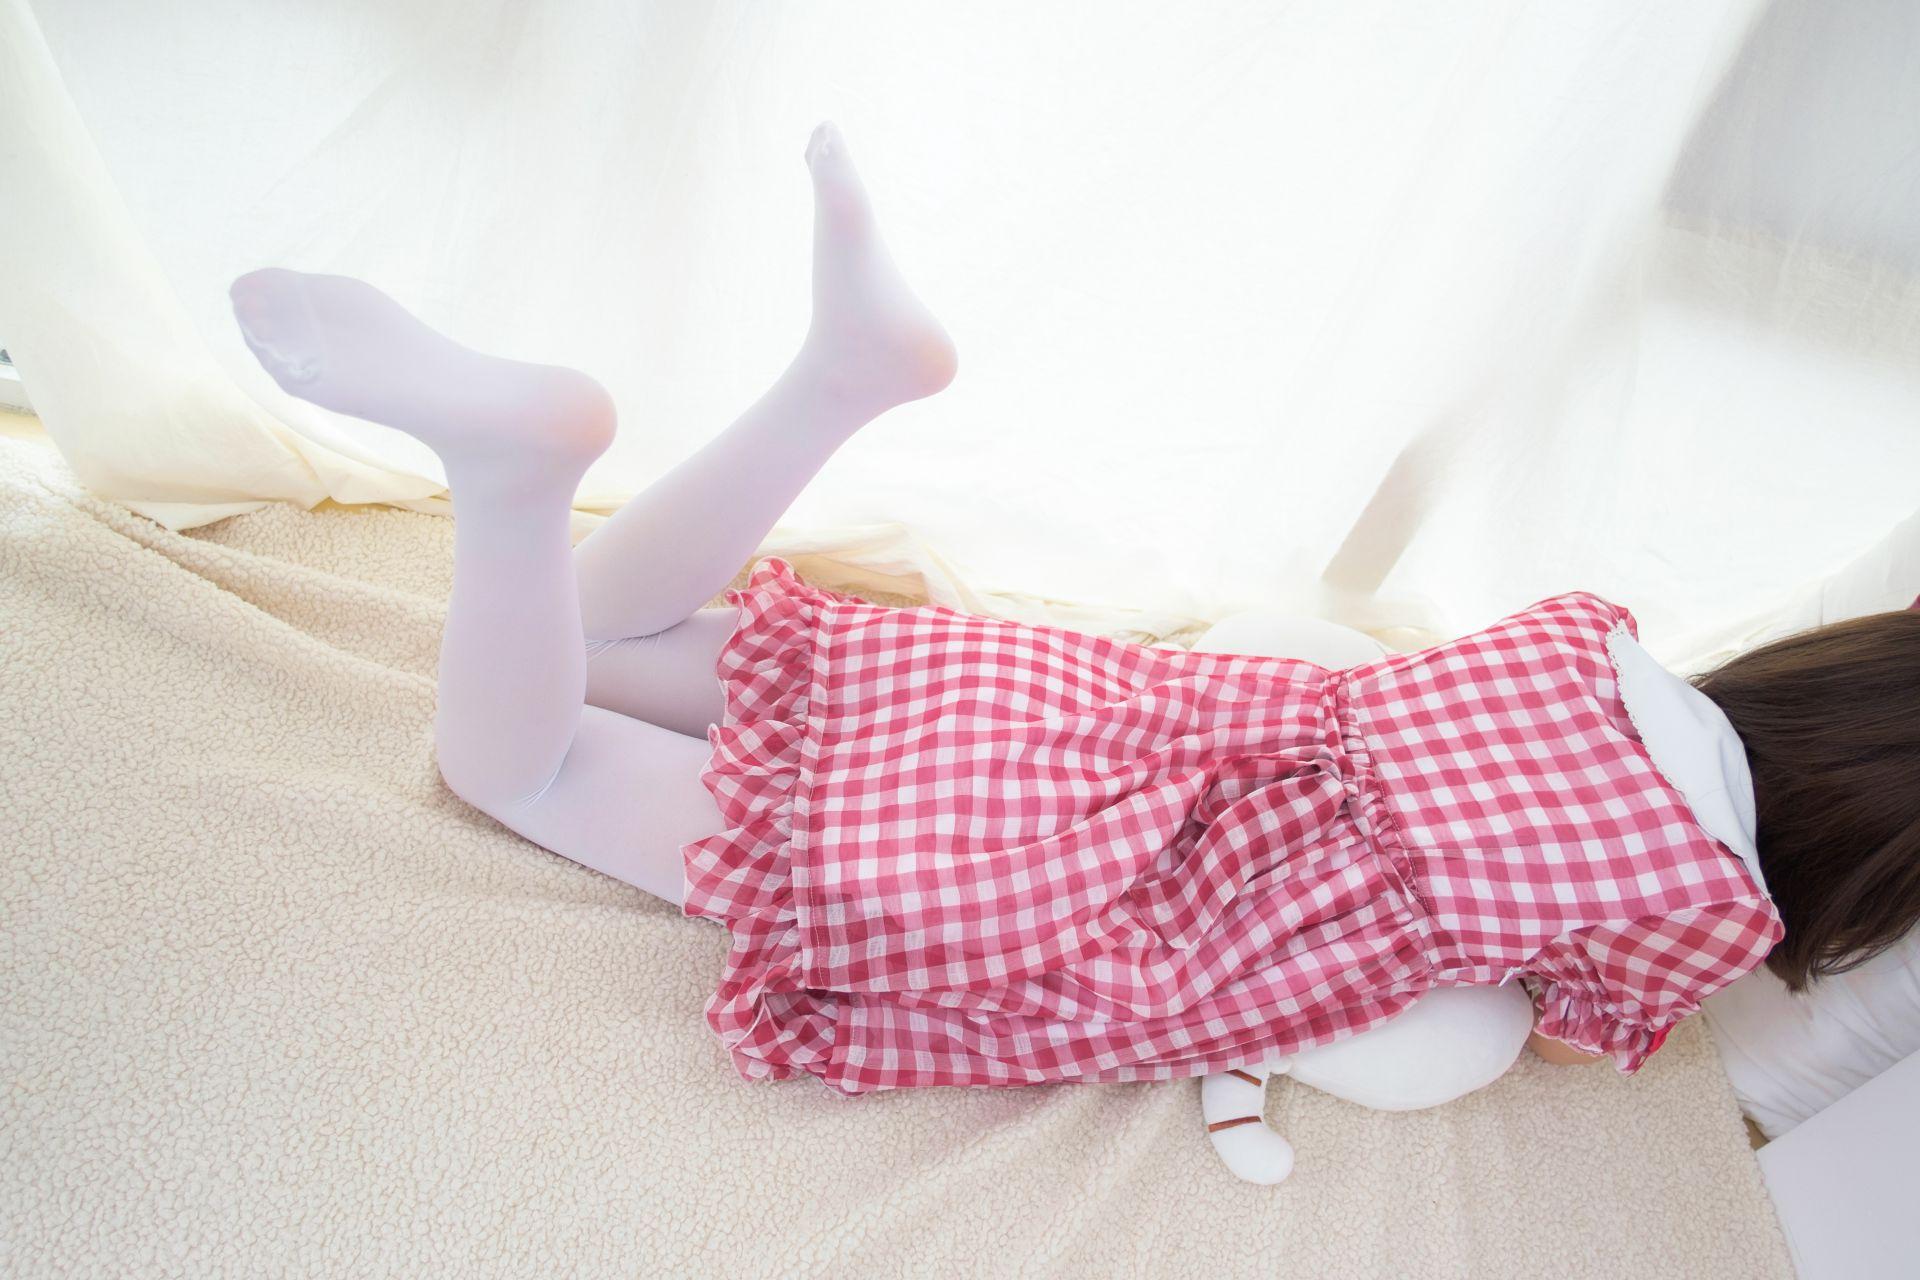 【森萝财团】森萝财团写真 - R15-011 红色格子裙白丝MM [67P-388MB] R15系列 第3张